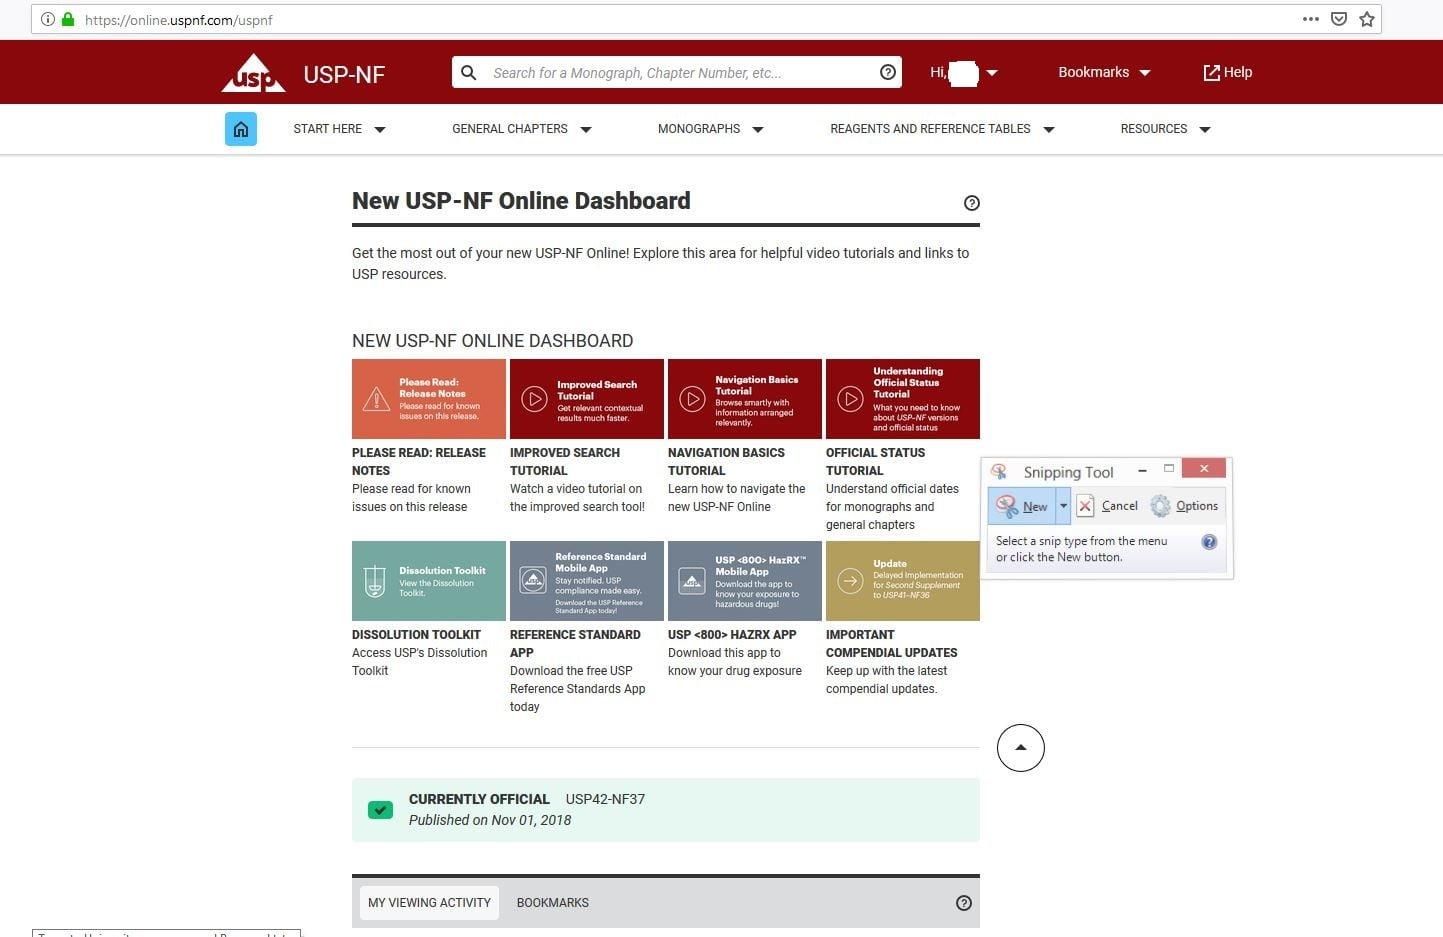 دسترسی به داده های Usp references standards ، اکانت uspnf.com خرید اکانت فارماکوپه یو اس پی ۴۲